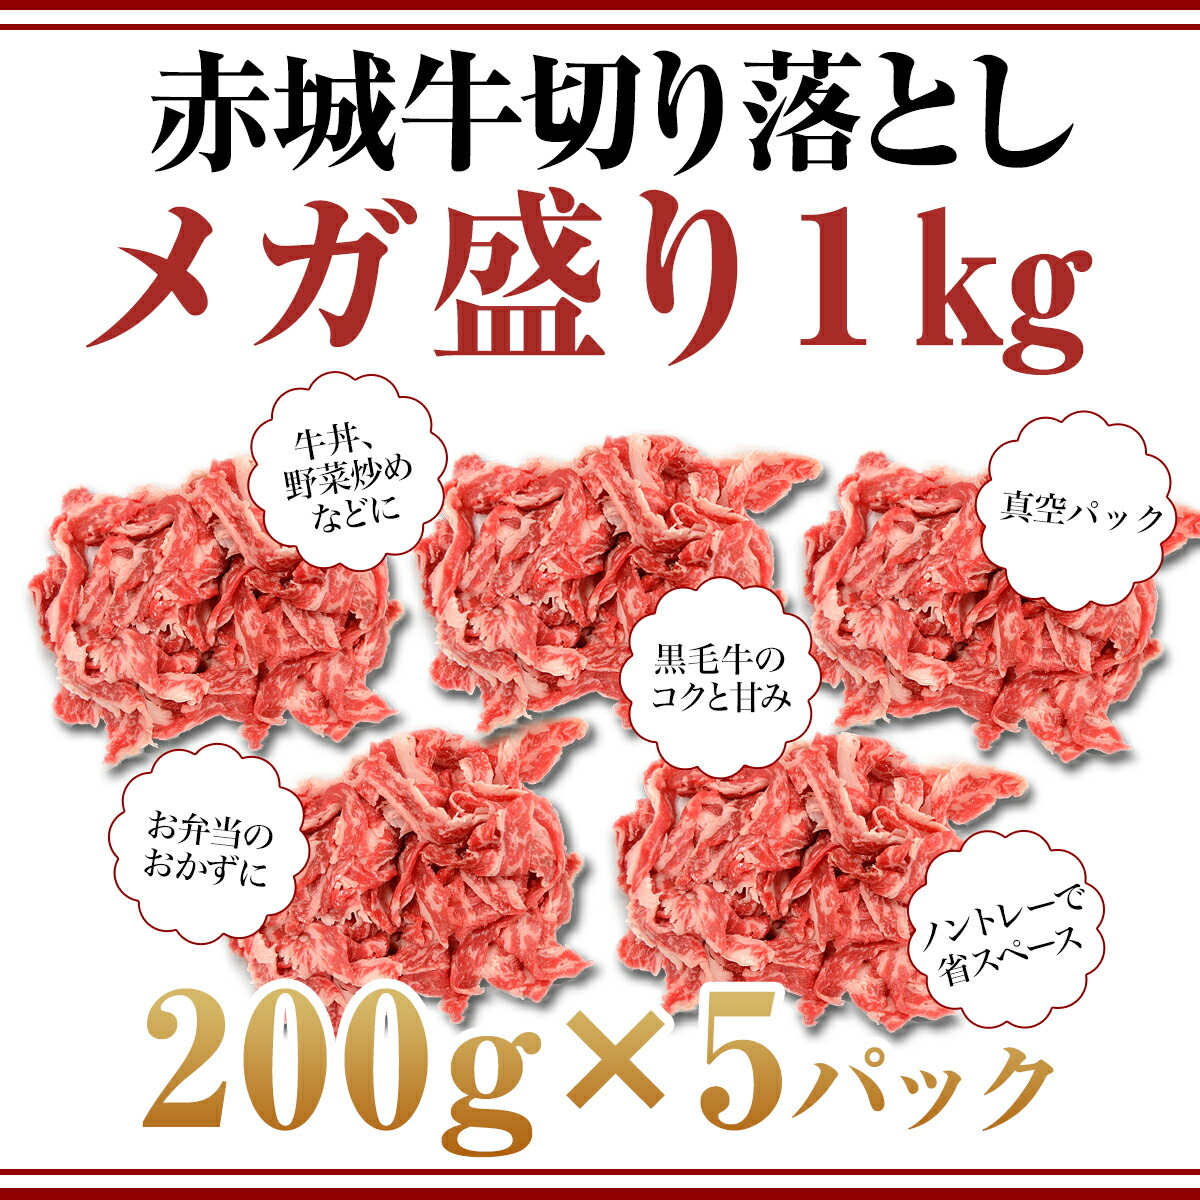 赤城牛切り落としメガ盛り1kg(200g×5パック) 商品説明